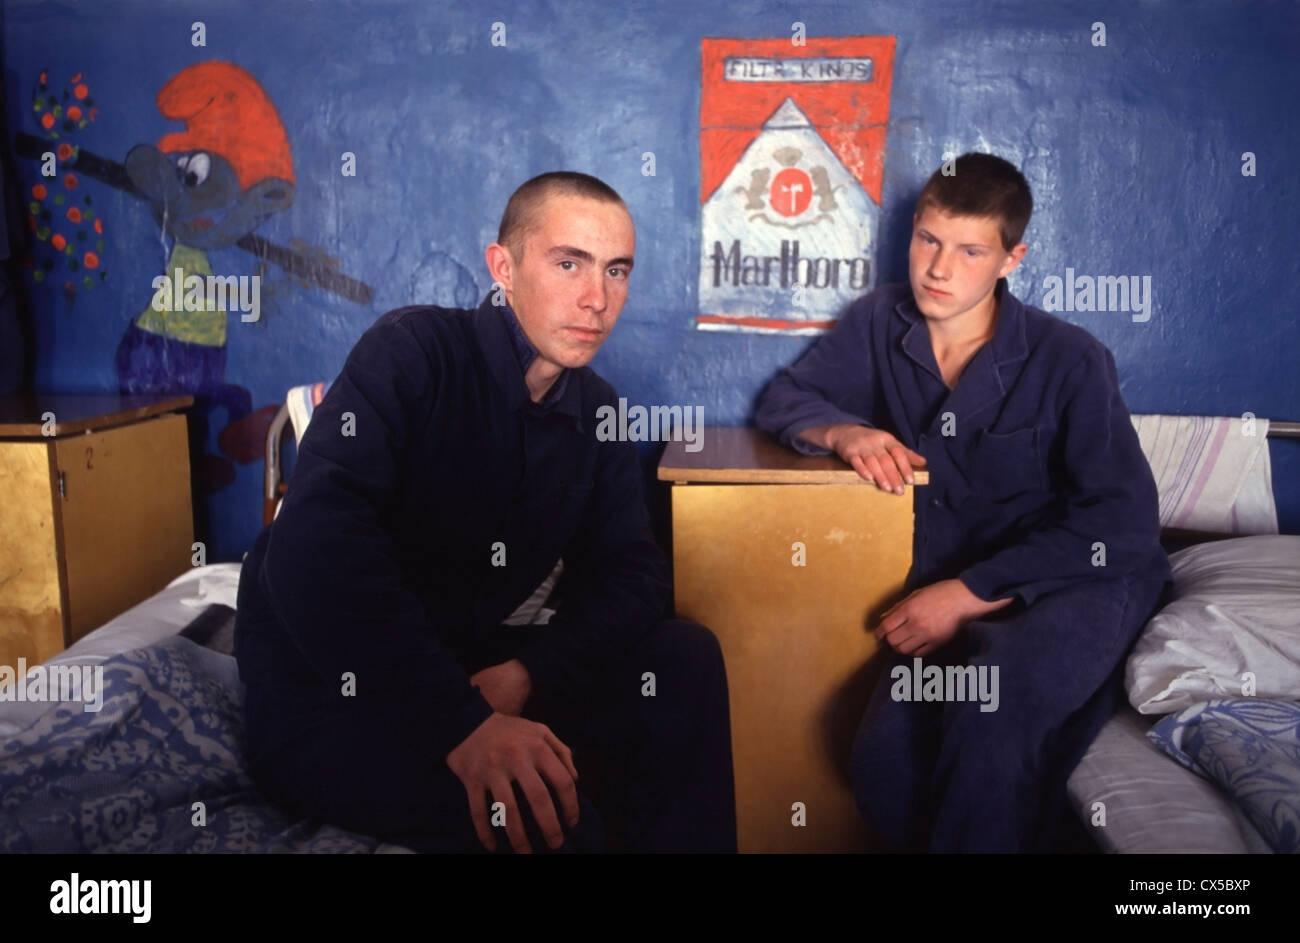 Teenage crime in Russia